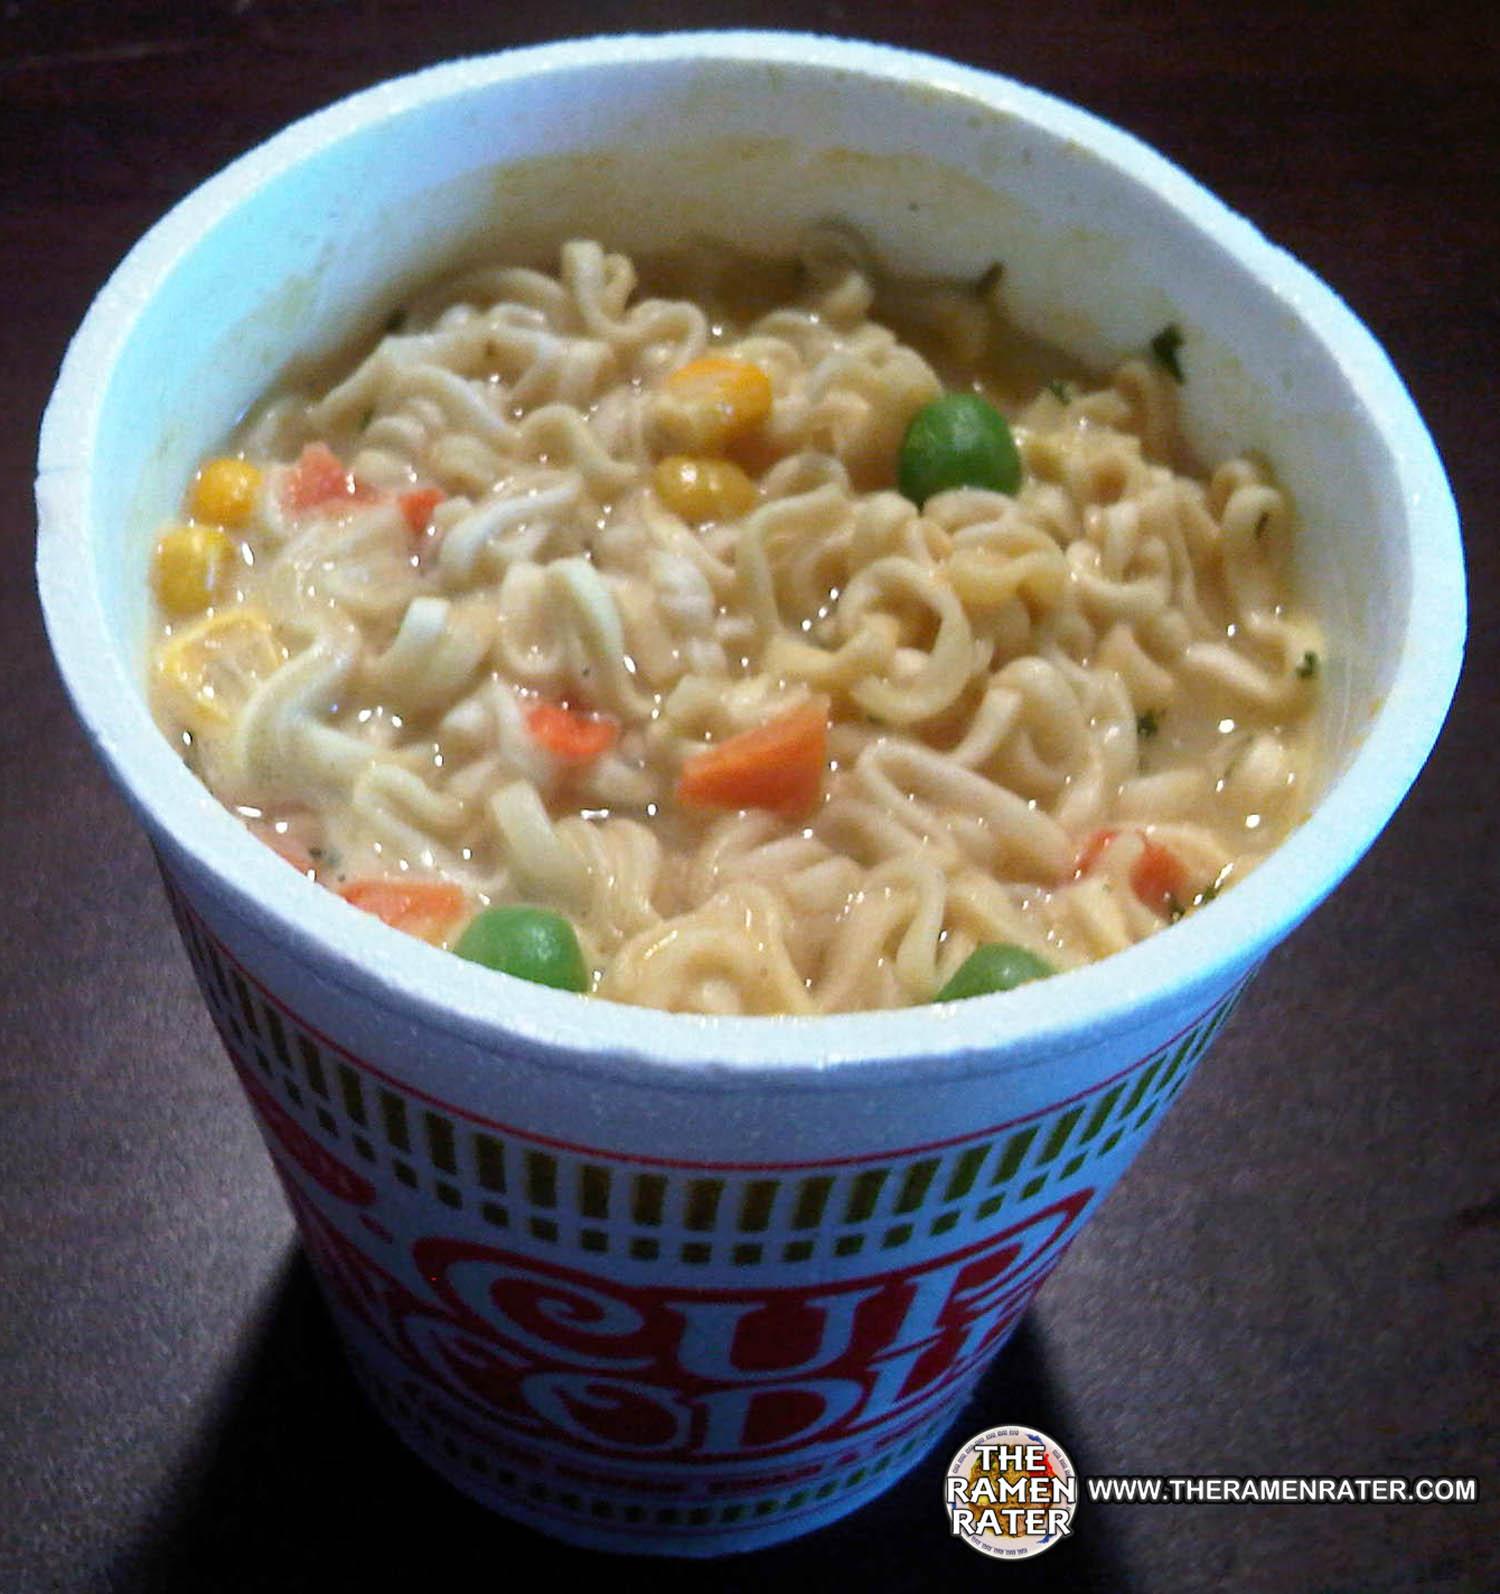 How to cook chicken flavor ramen noodles